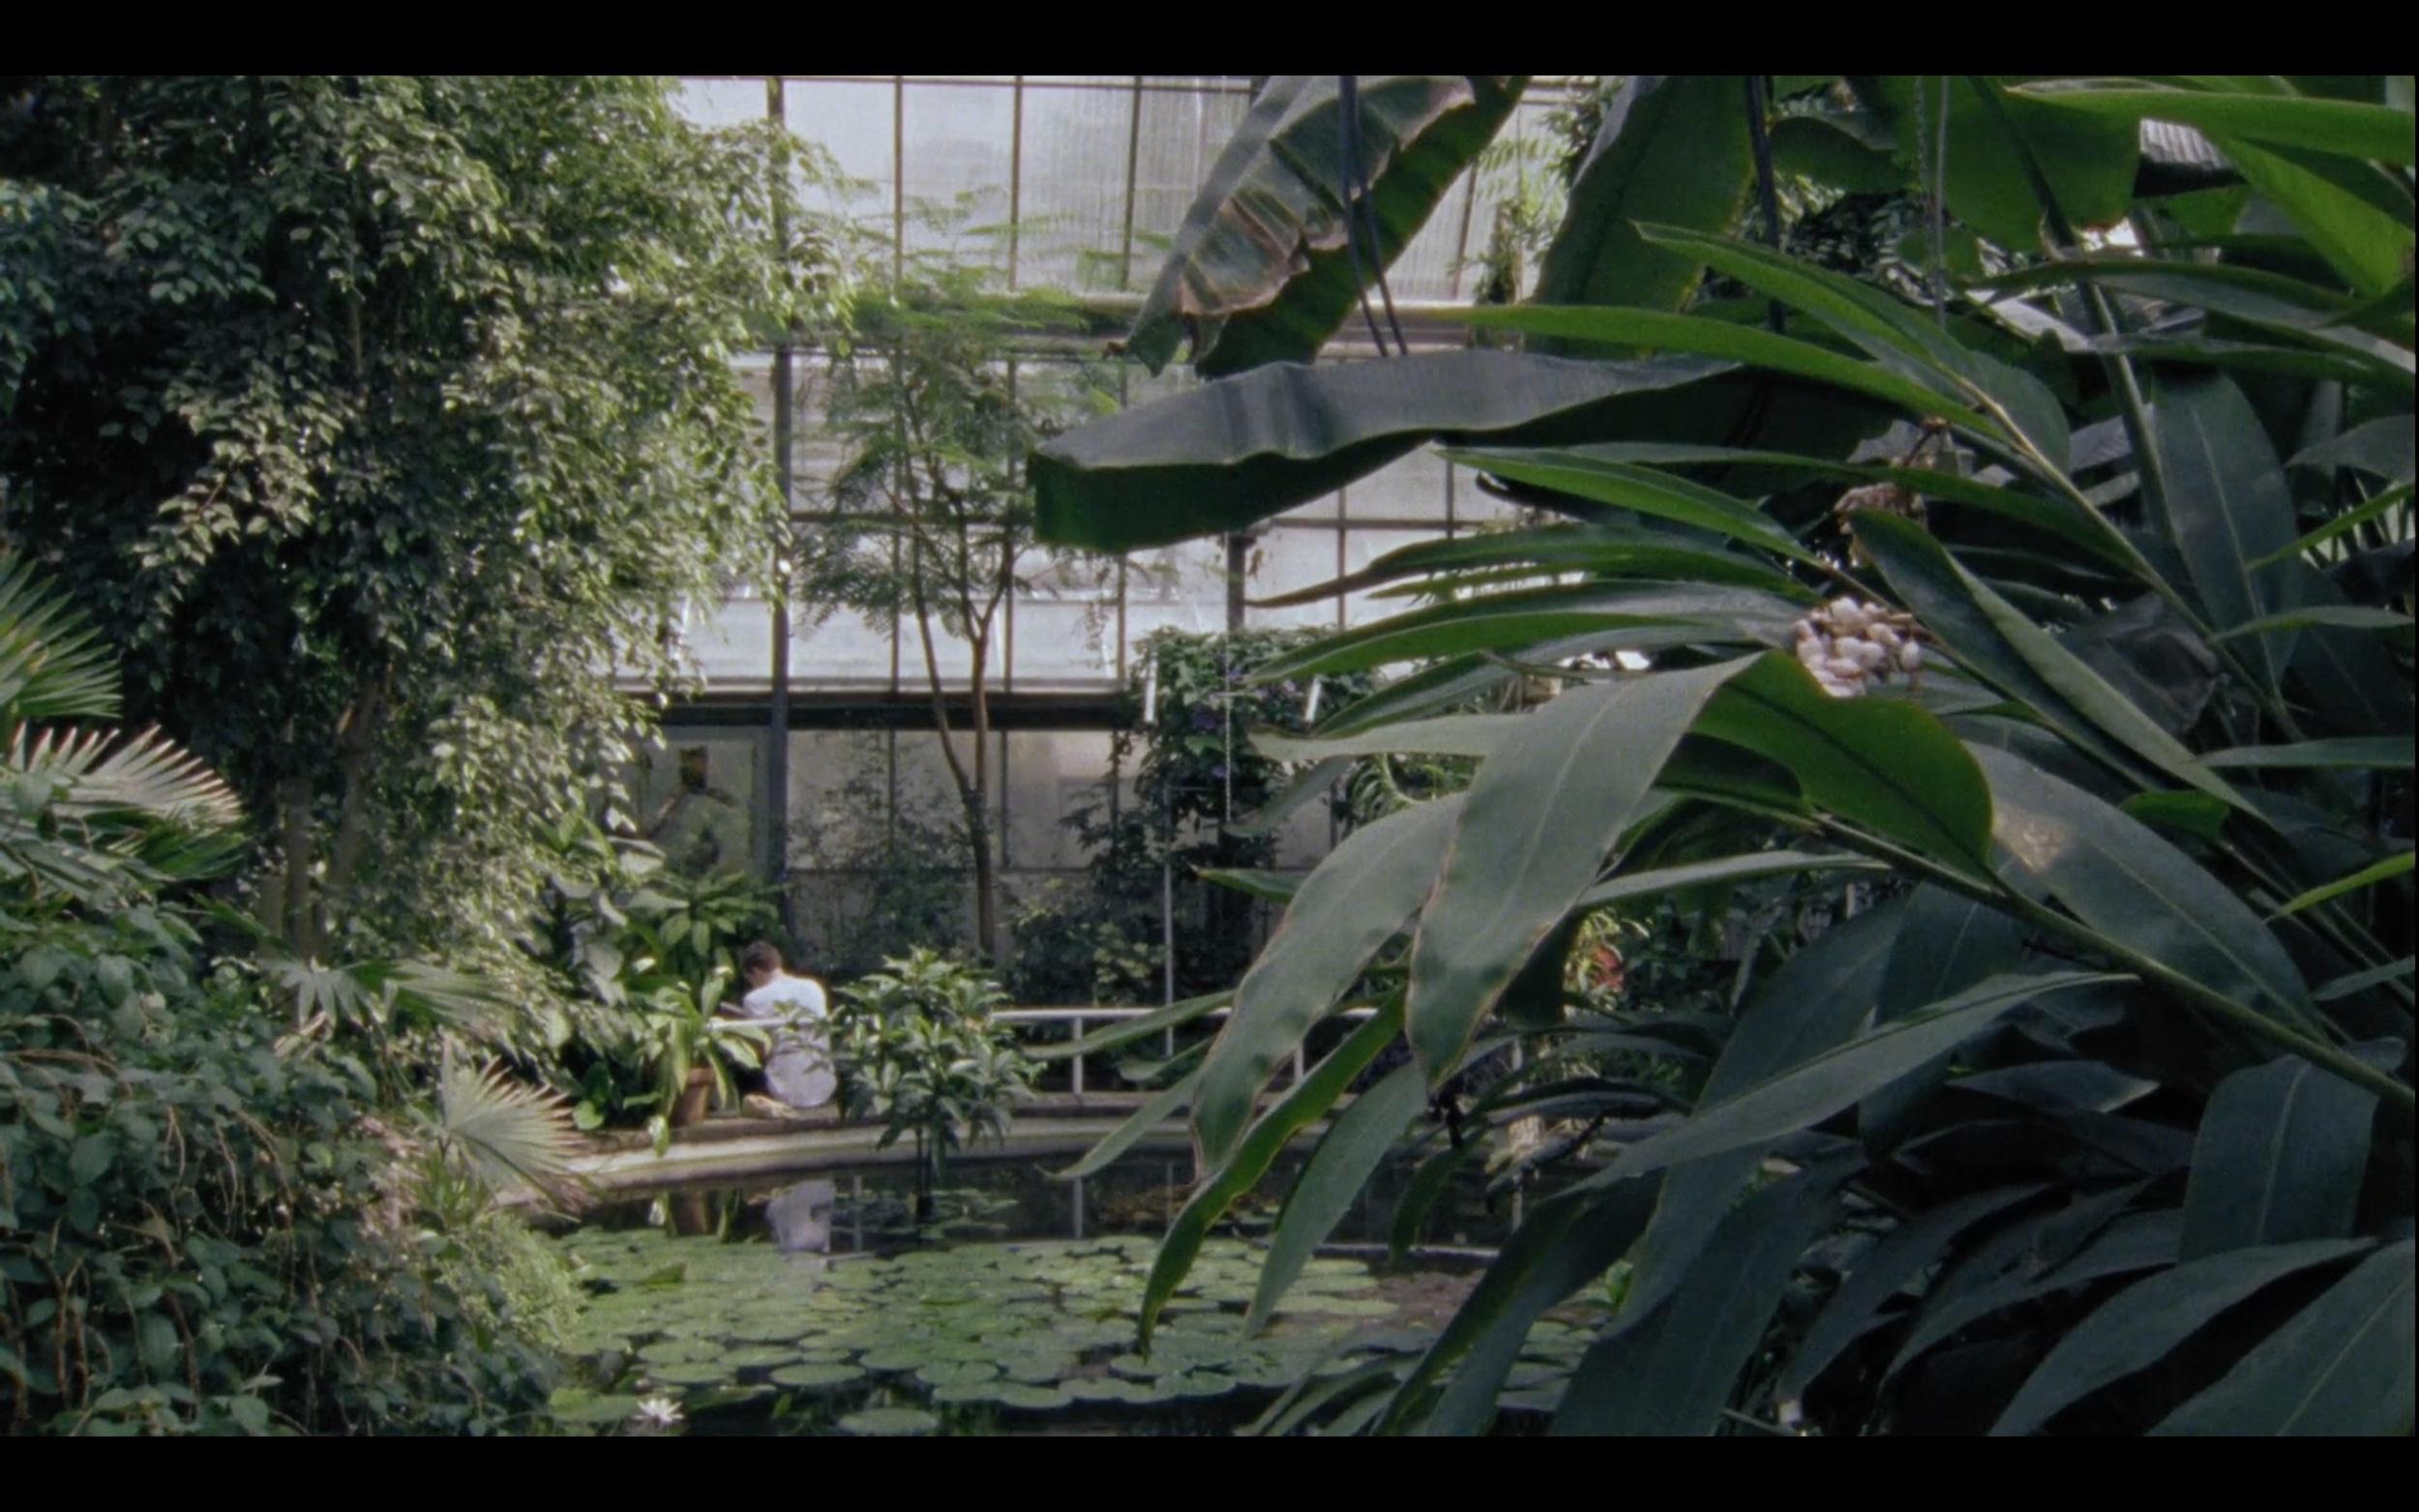 botanicka zahrada .jpg